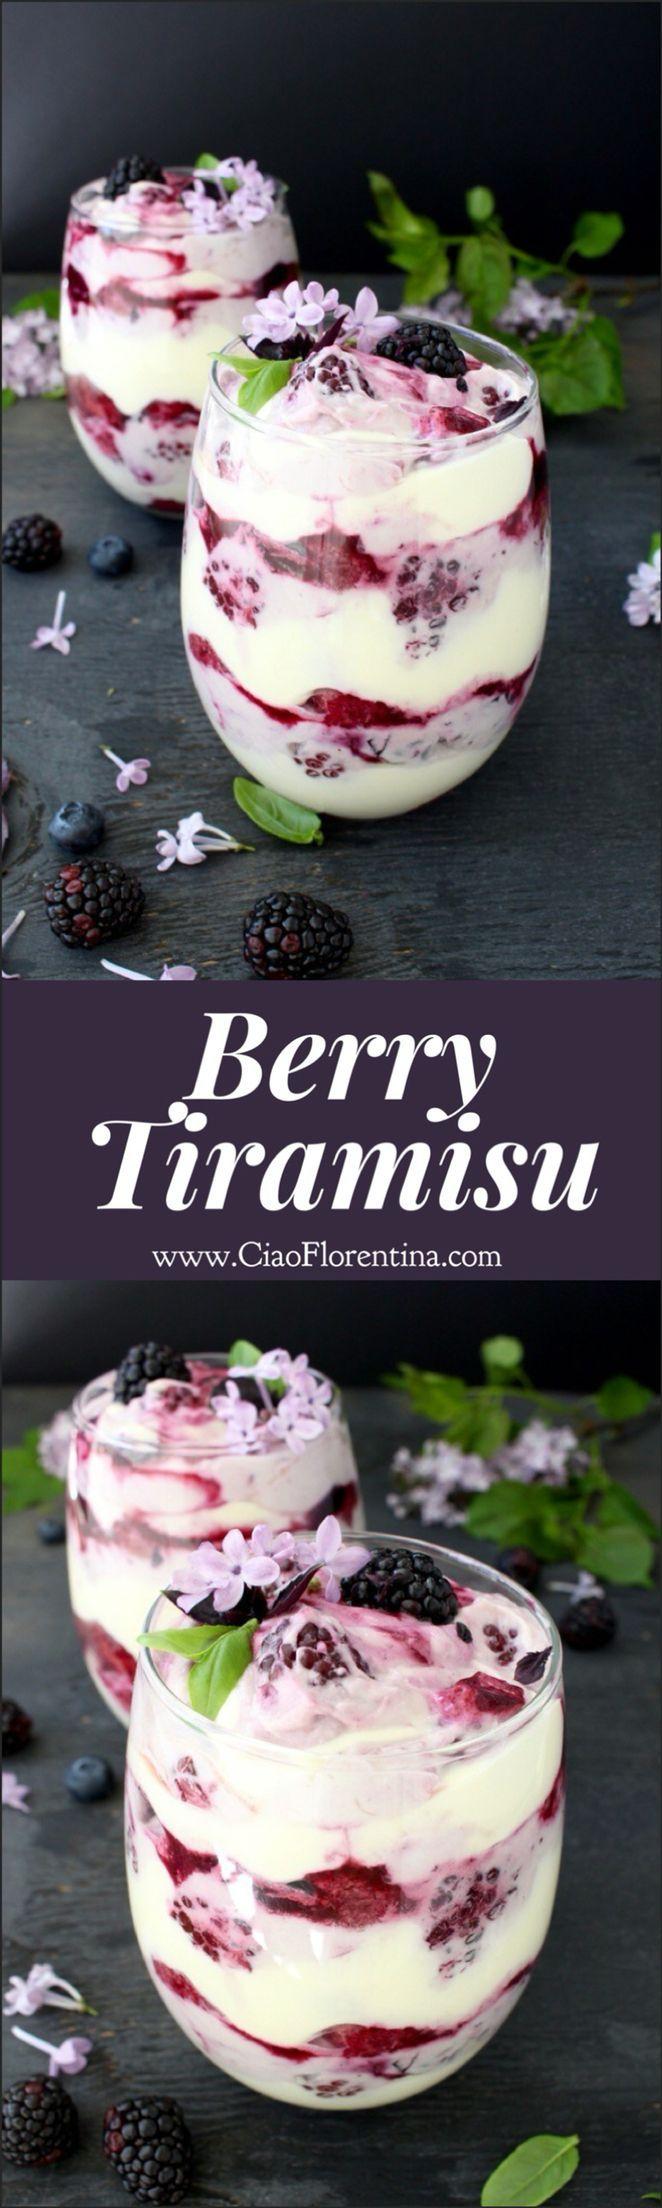 Berry Tiramisu Trifle Recipe   http://CiaoFlorentina.com @CiaoFlorentina